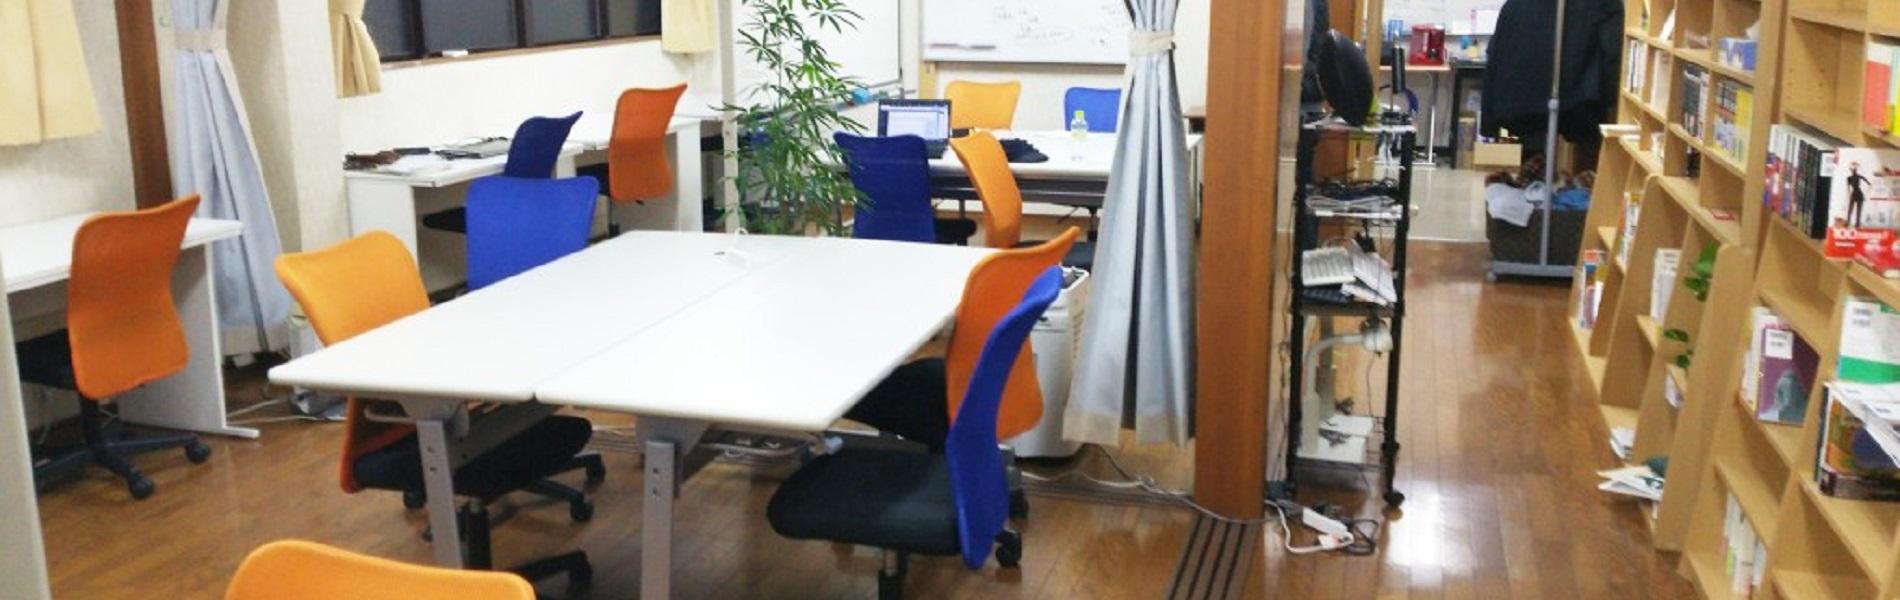 レンタルオフィスや自習室として使えるスペース